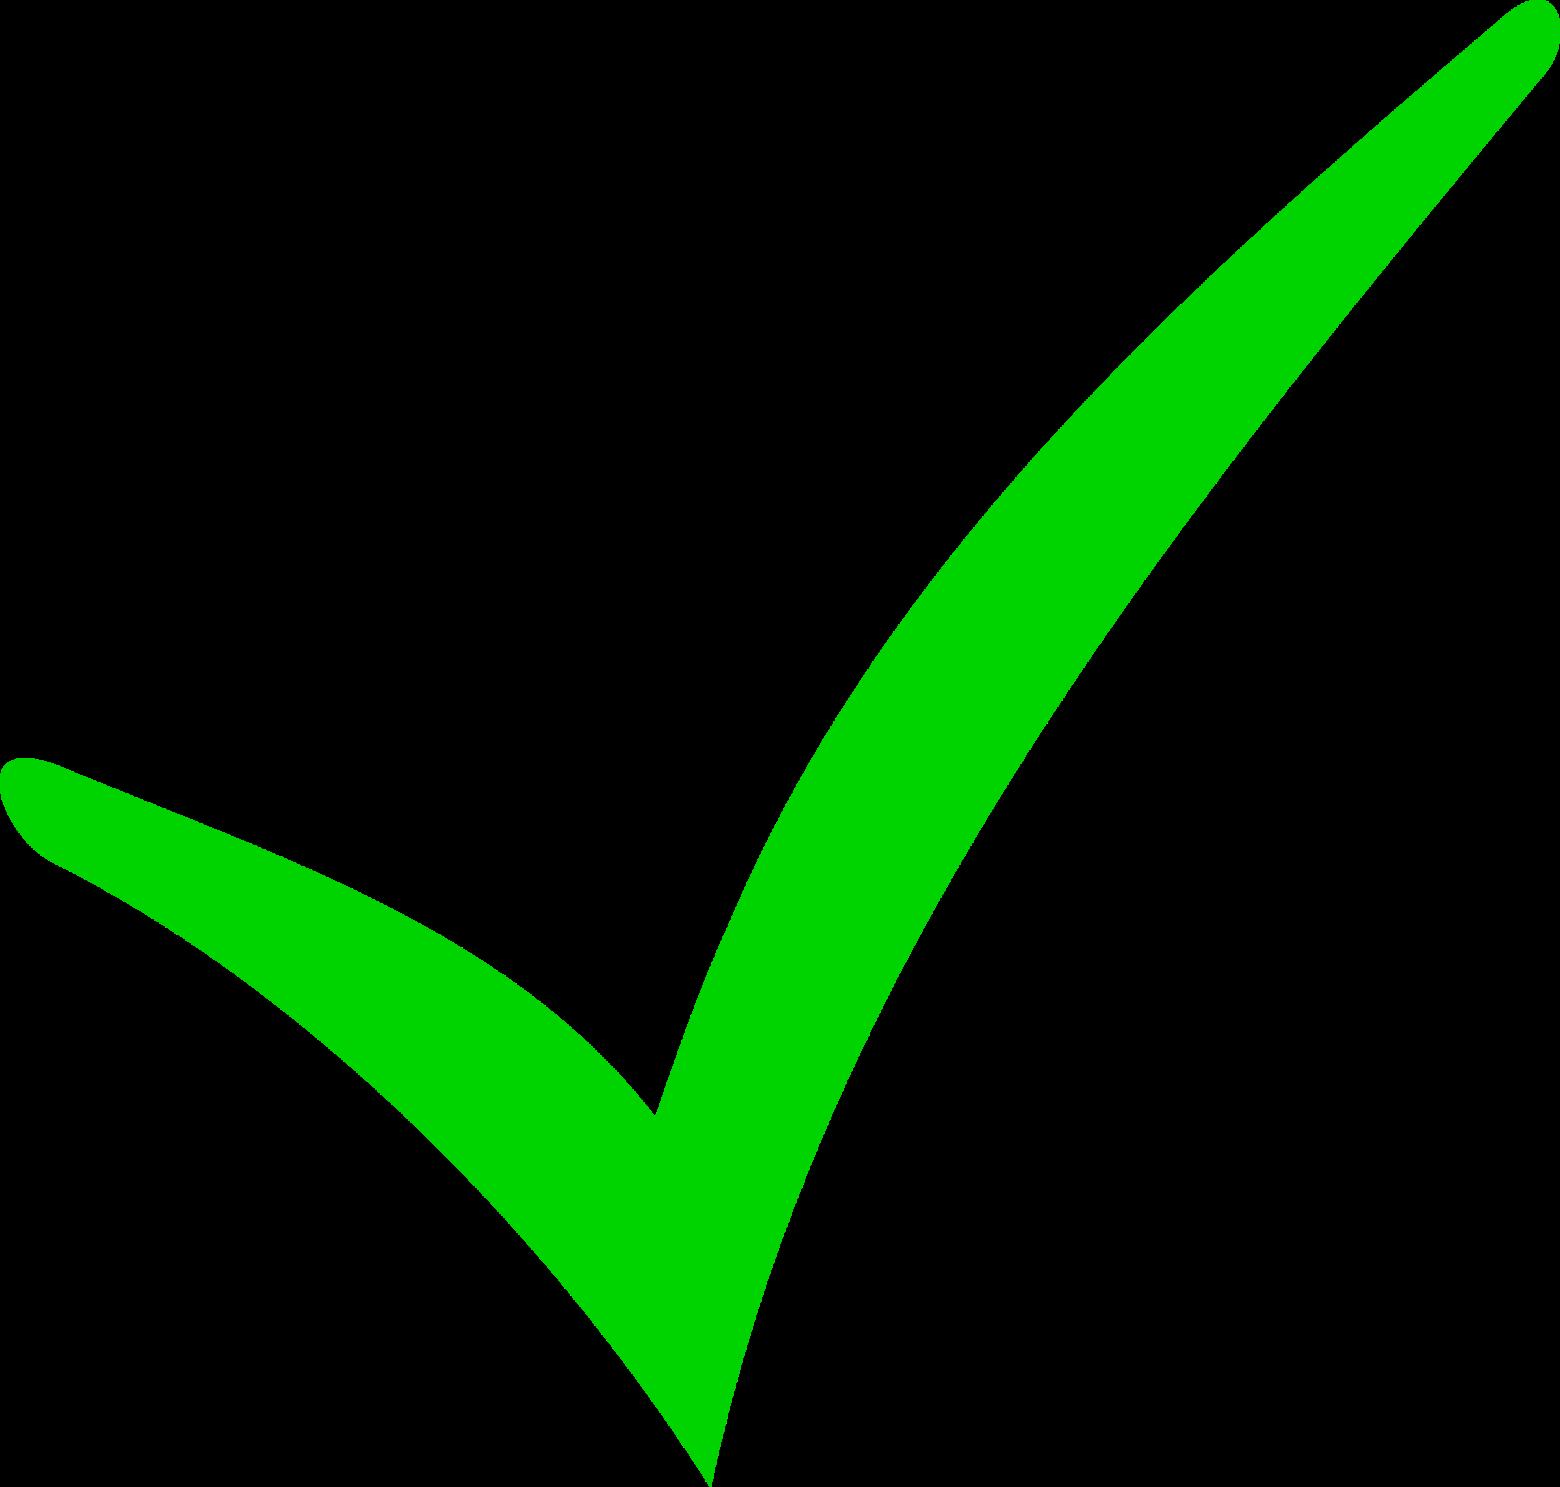 symbole vrai exact images gratuites et libres de droits clip art checkmarks with a plus sign clip art checkmarks